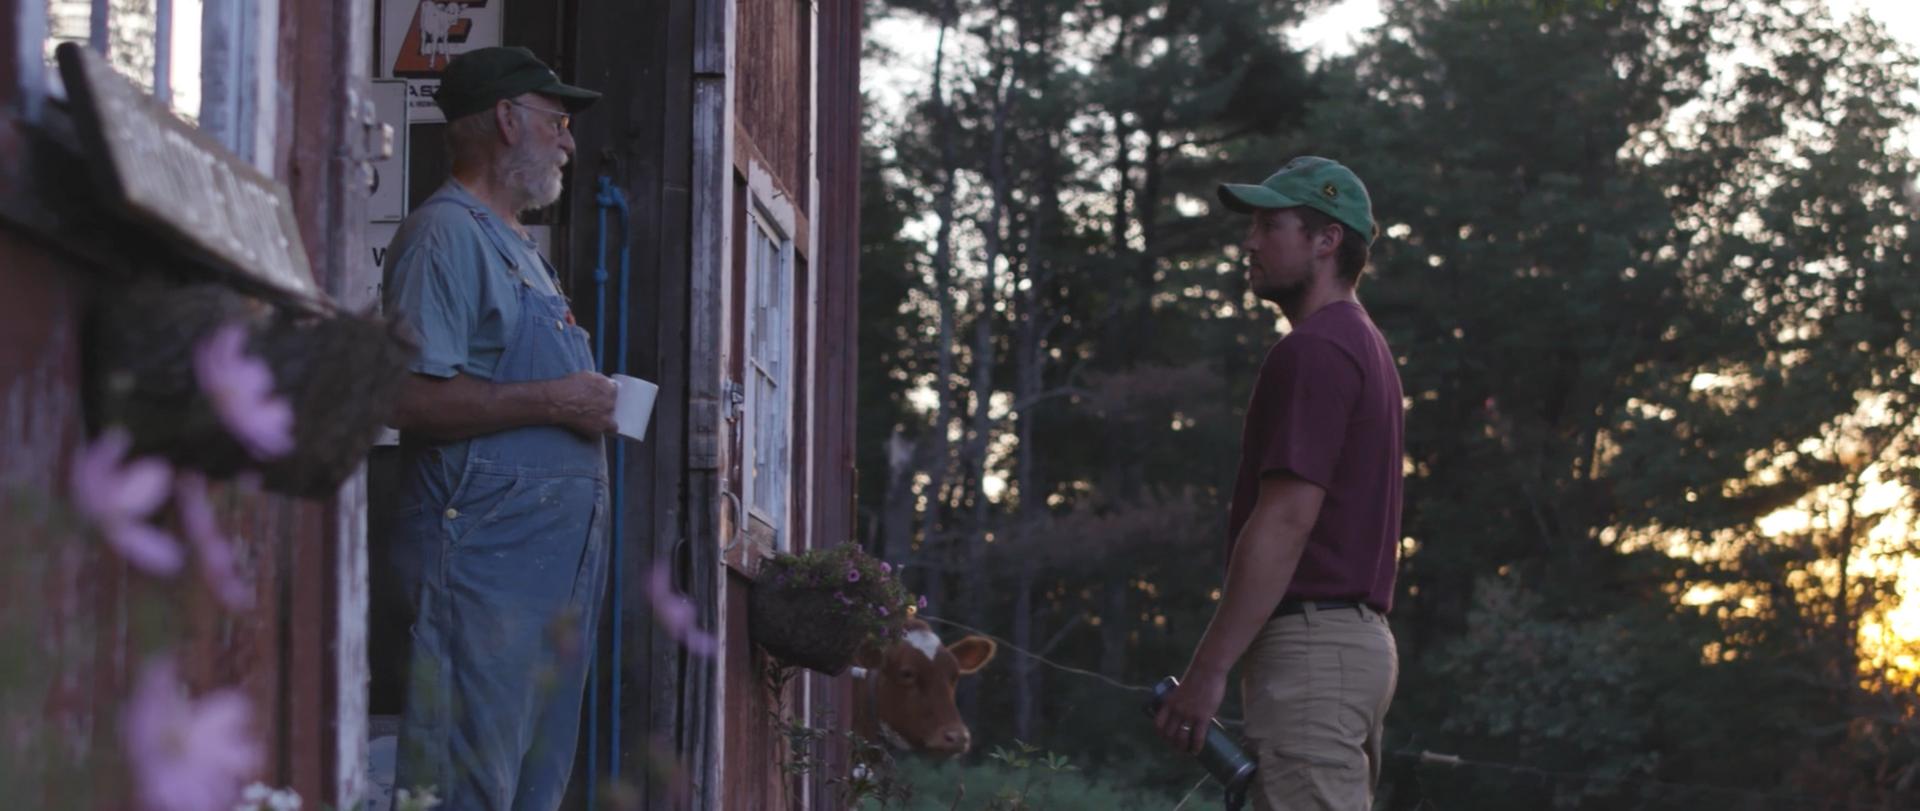 Maine Farmland Trust: High View Farm